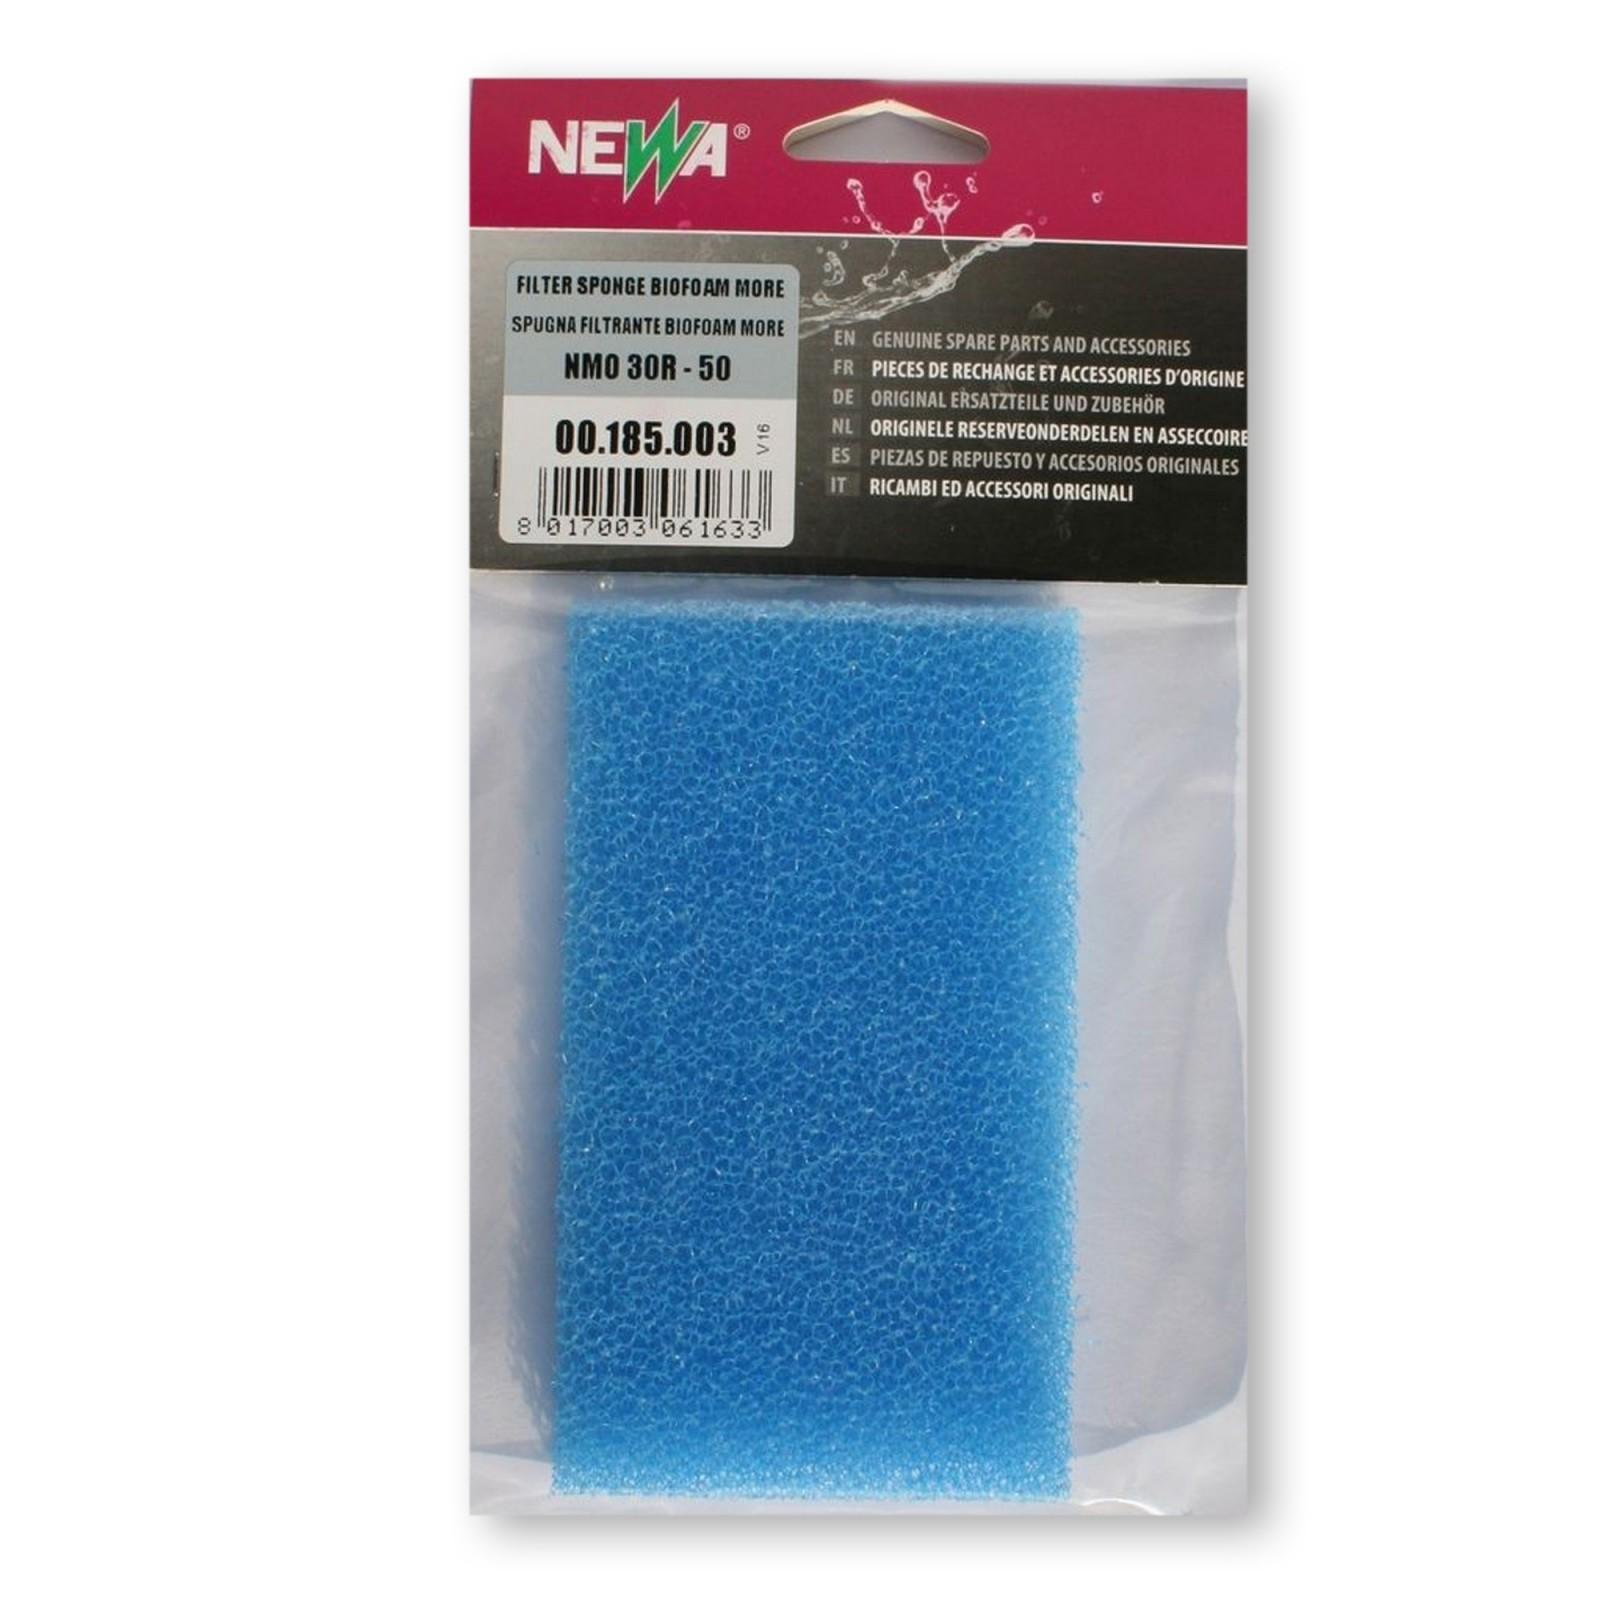 Newa Biofoam More Spugna filtrante per versioni NMO 30R e NMO 50 newa more 30 reef e 50